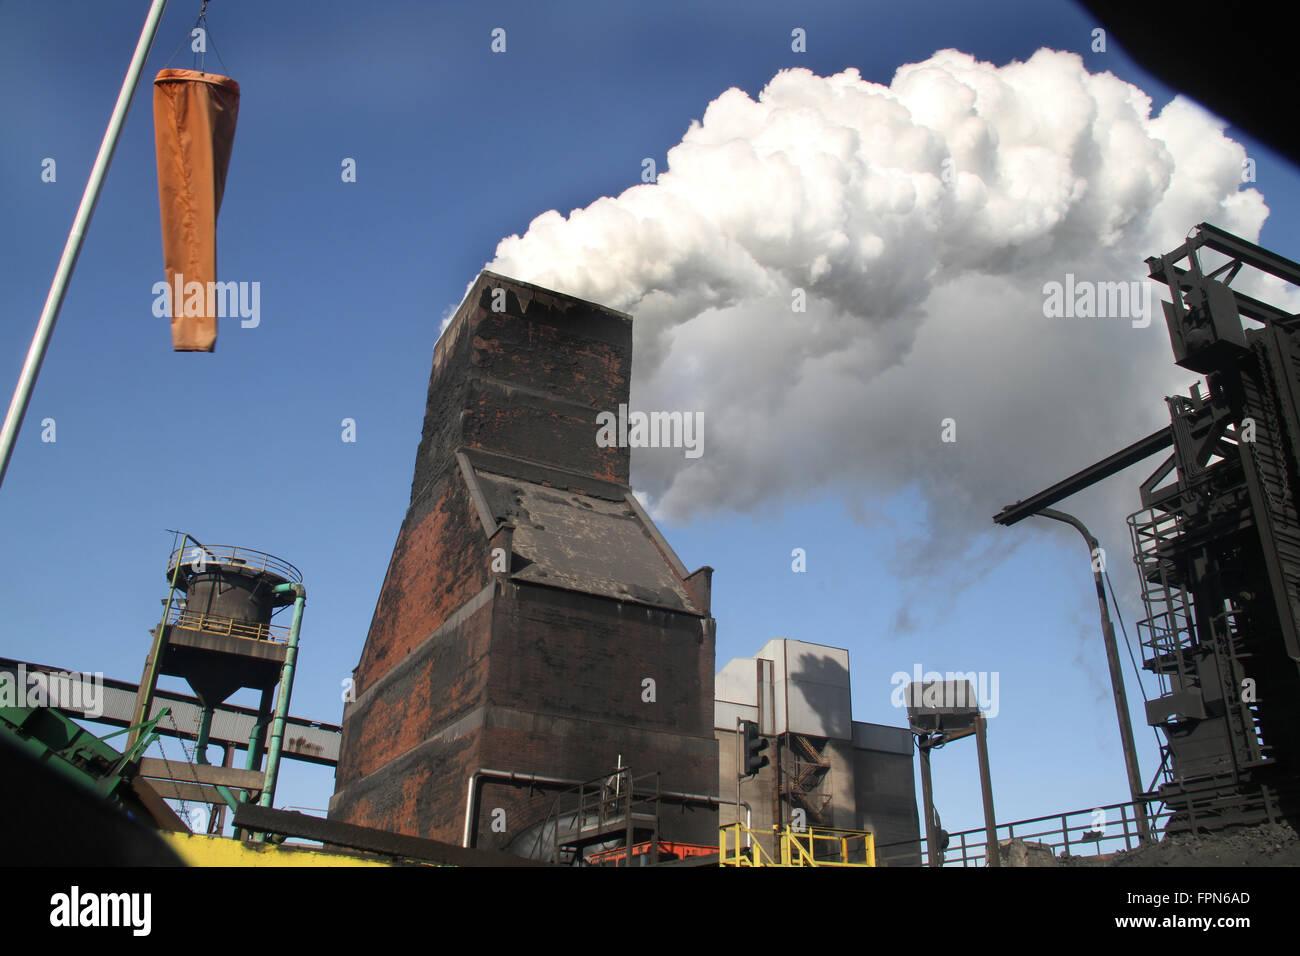 El vapor del horno de coque de la torre de enfriamiento. Imagen De Stock